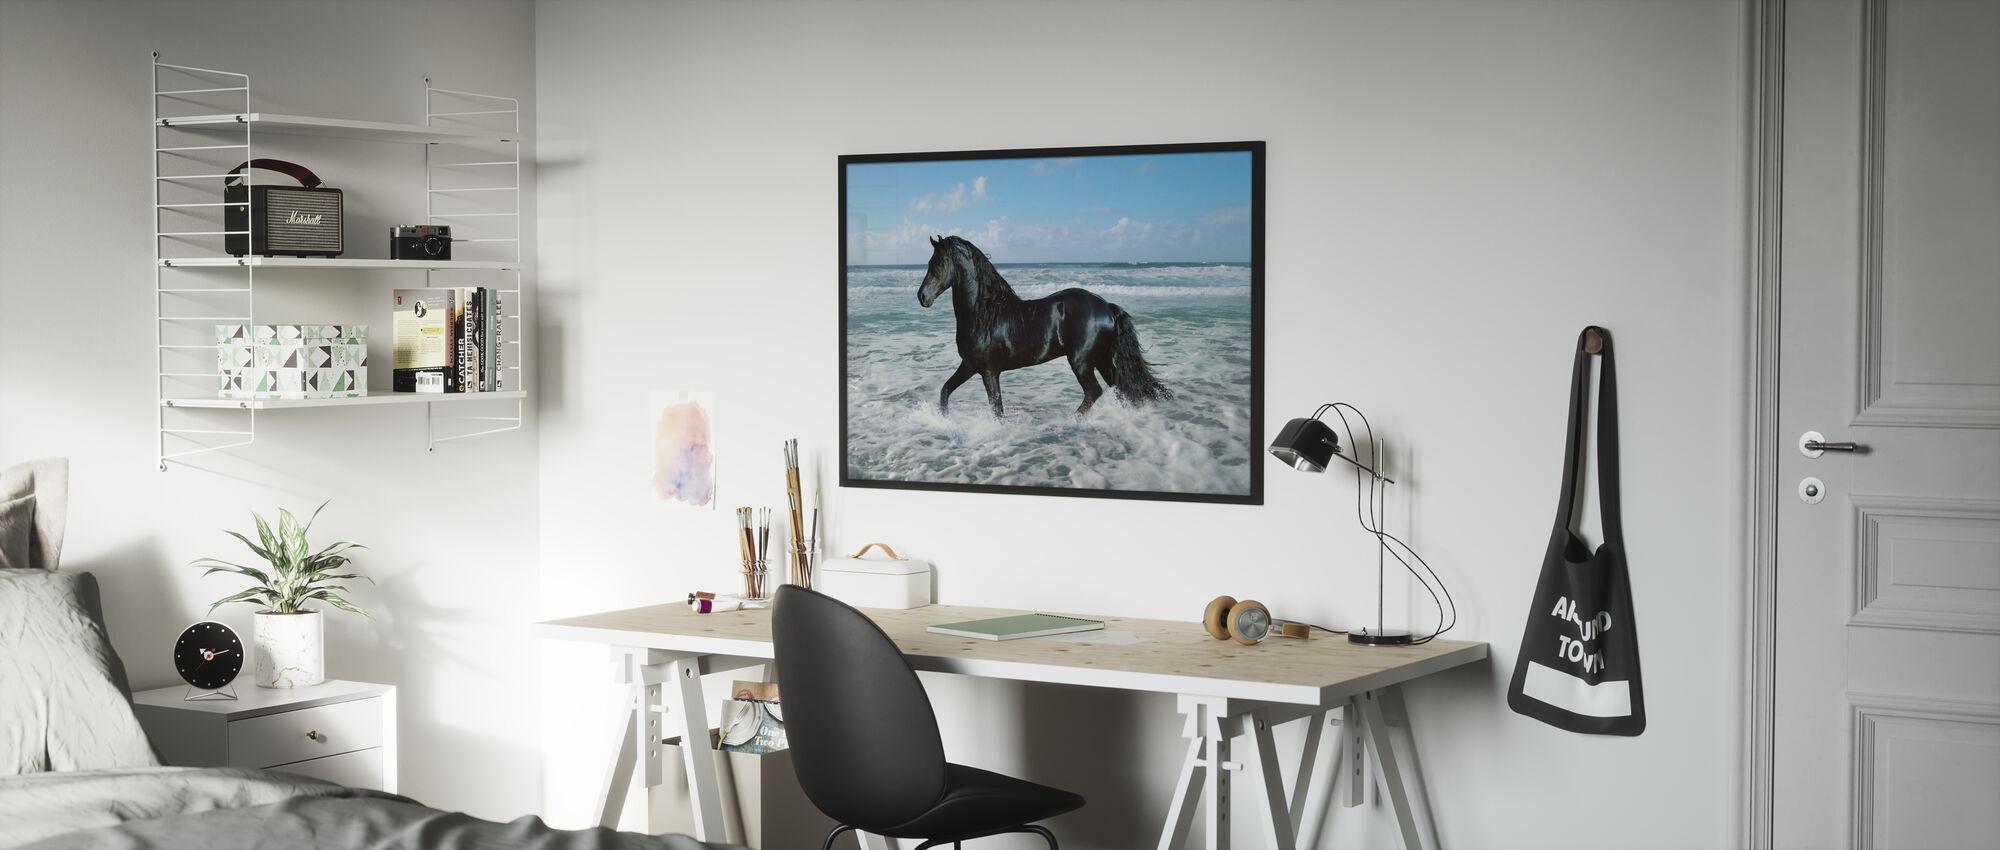 Häst badning - Inramad tavla - Barnrum